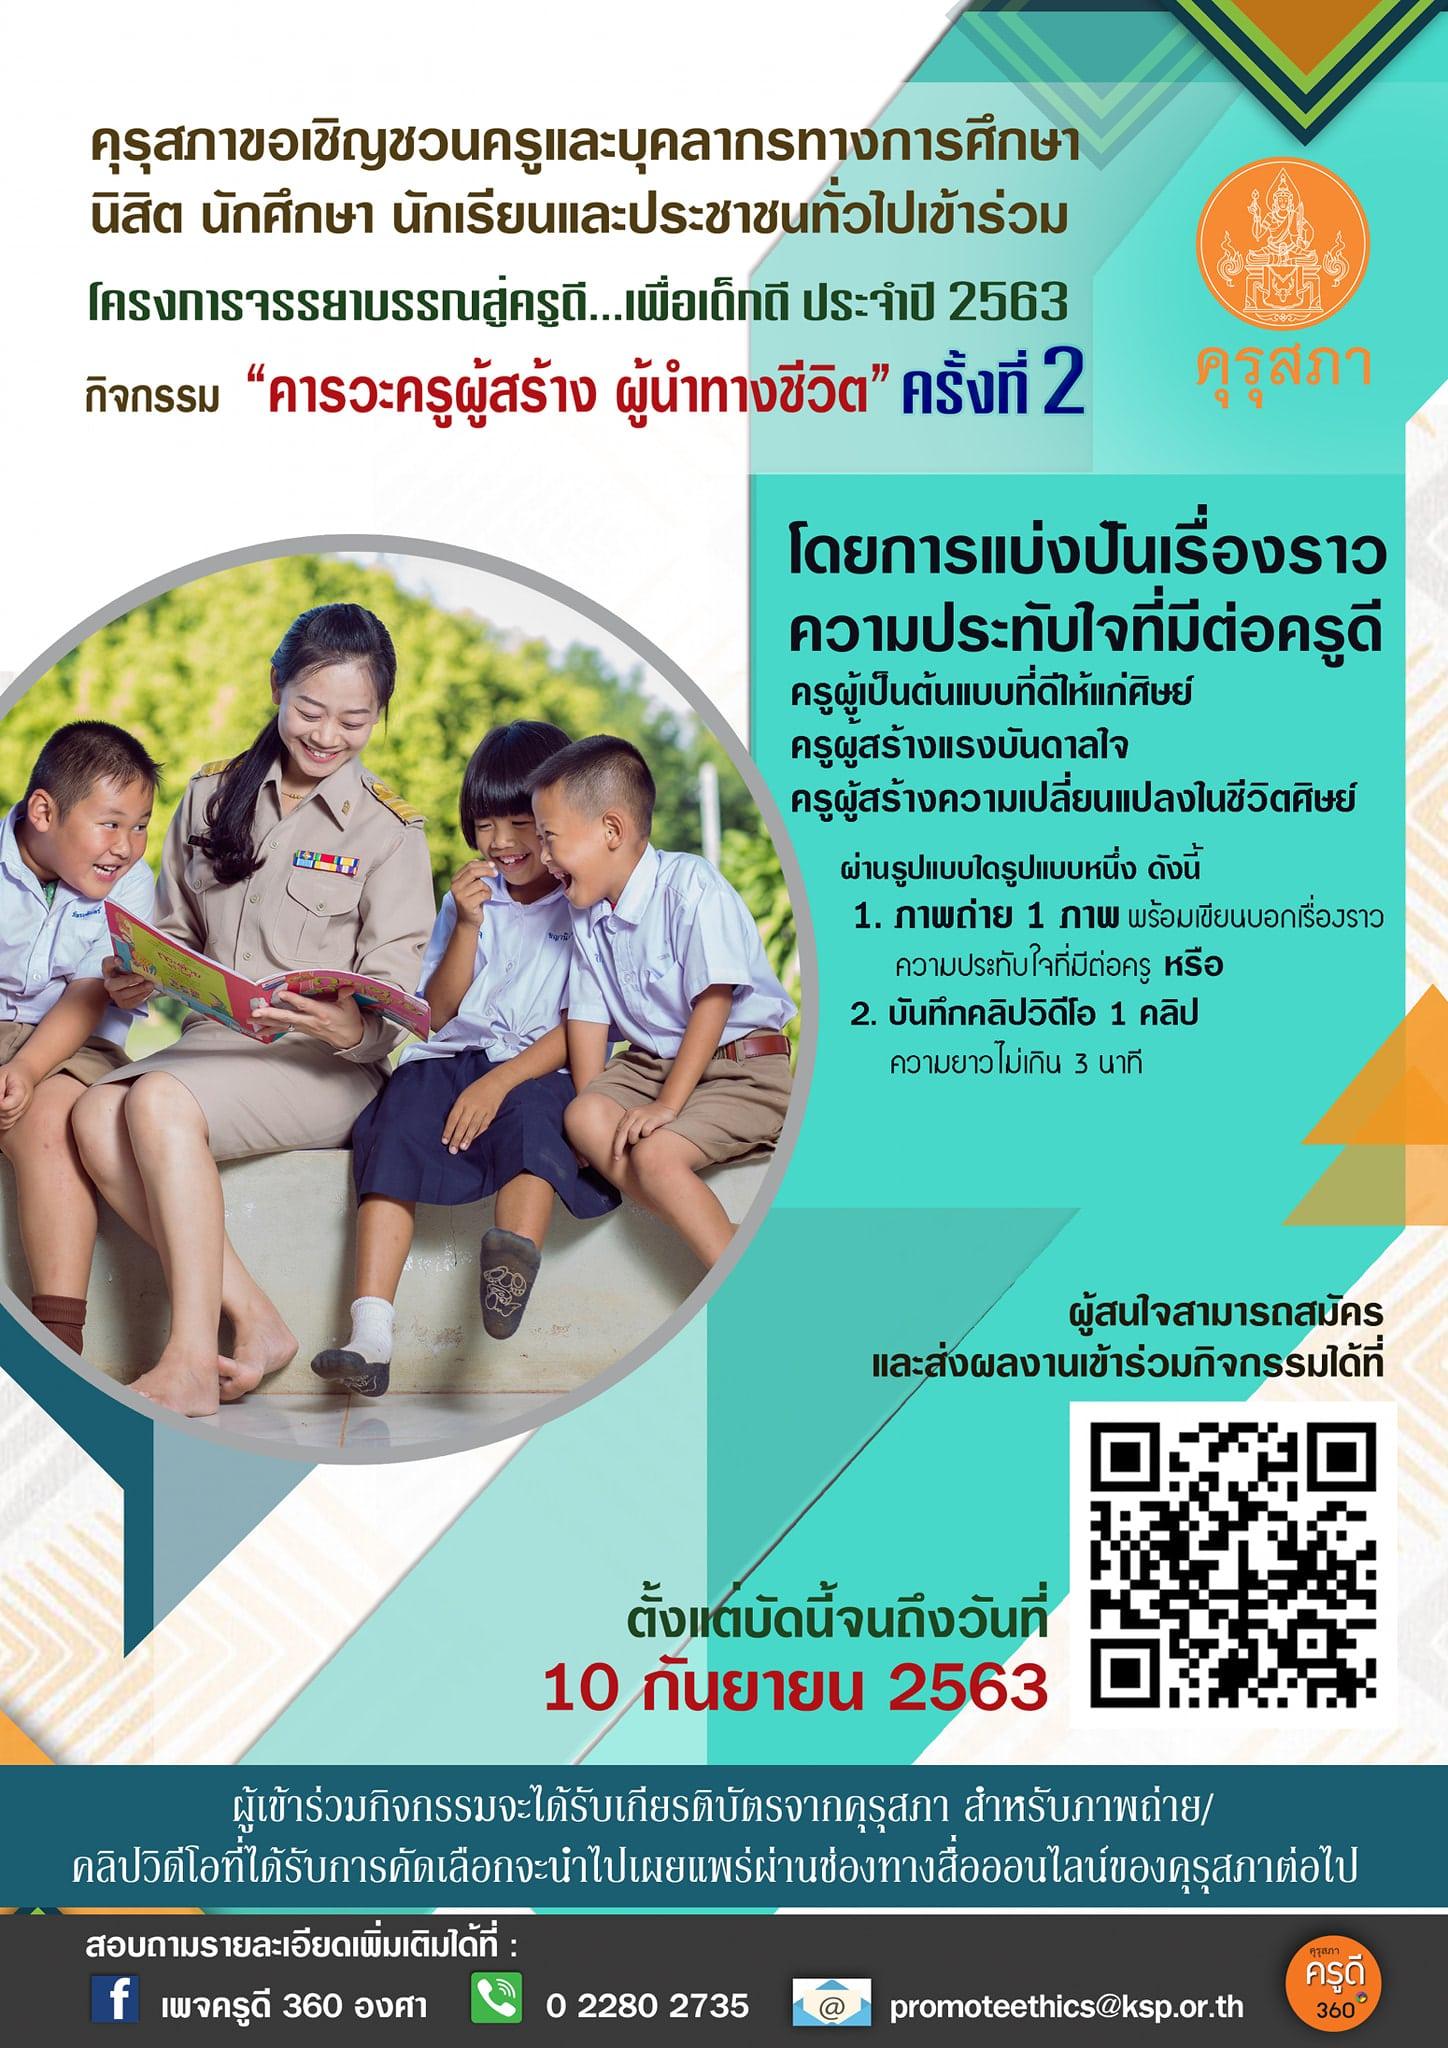 """คุรุสภาขอเชิญชวนเข้าร่วมโครงการจรรยาบรรณสู่ครูดี…เพื่อเด็กดี ประจำปี 2563 กิจกรรม """"คารวะครูผู้สร้าง ผู้นำทางชีวิต"""" ครั้งที่ 2 ส่งผลงานได้ถึง 10 กันยายน 2563"""